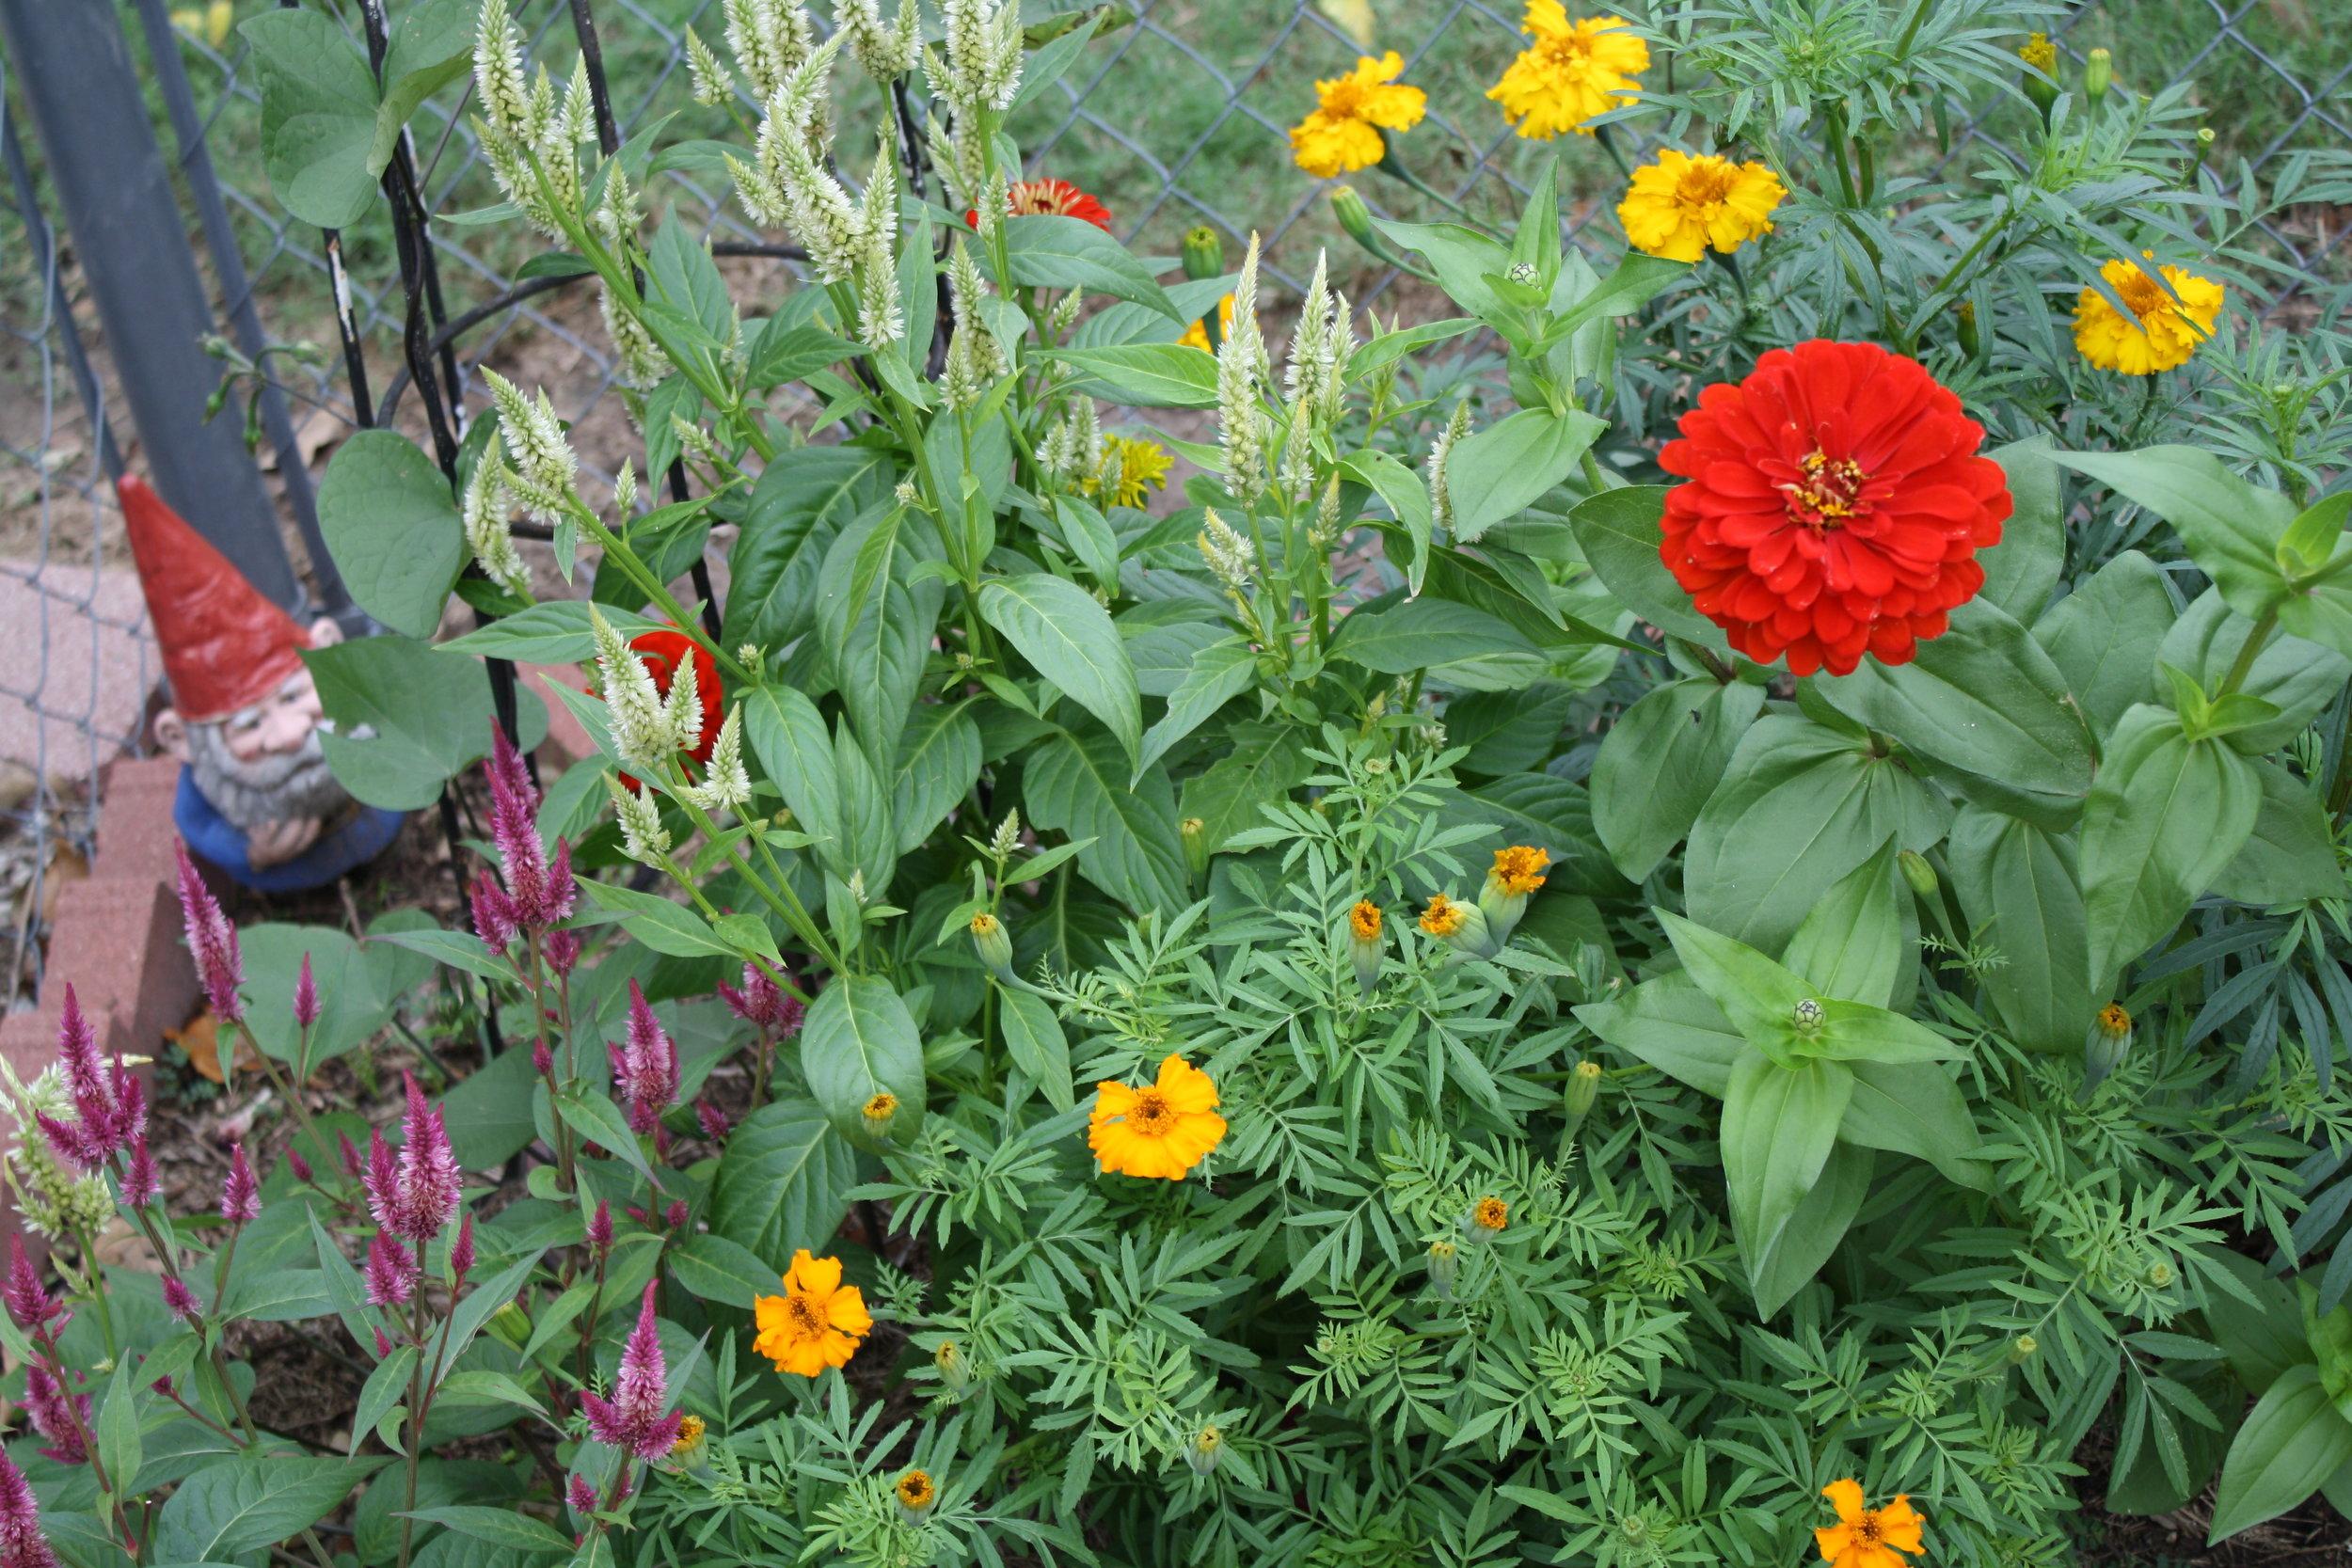 Zinnias, marigold, and our garden gnome